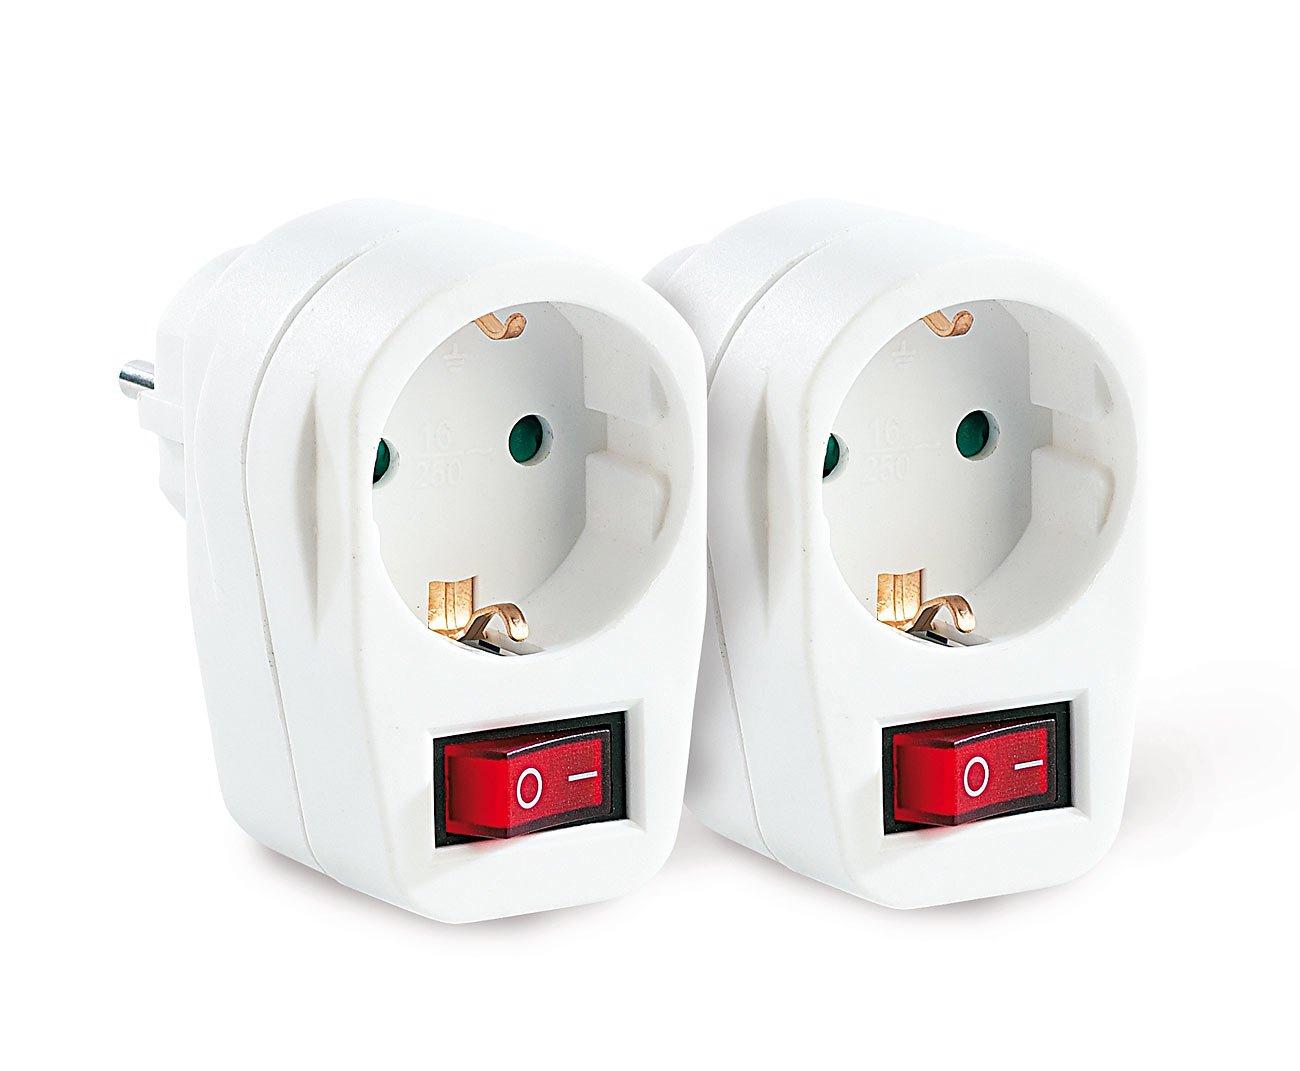 5 x Steckdosenschalter Schaltersteckdose schaltbare Steckdosen zum abschalten